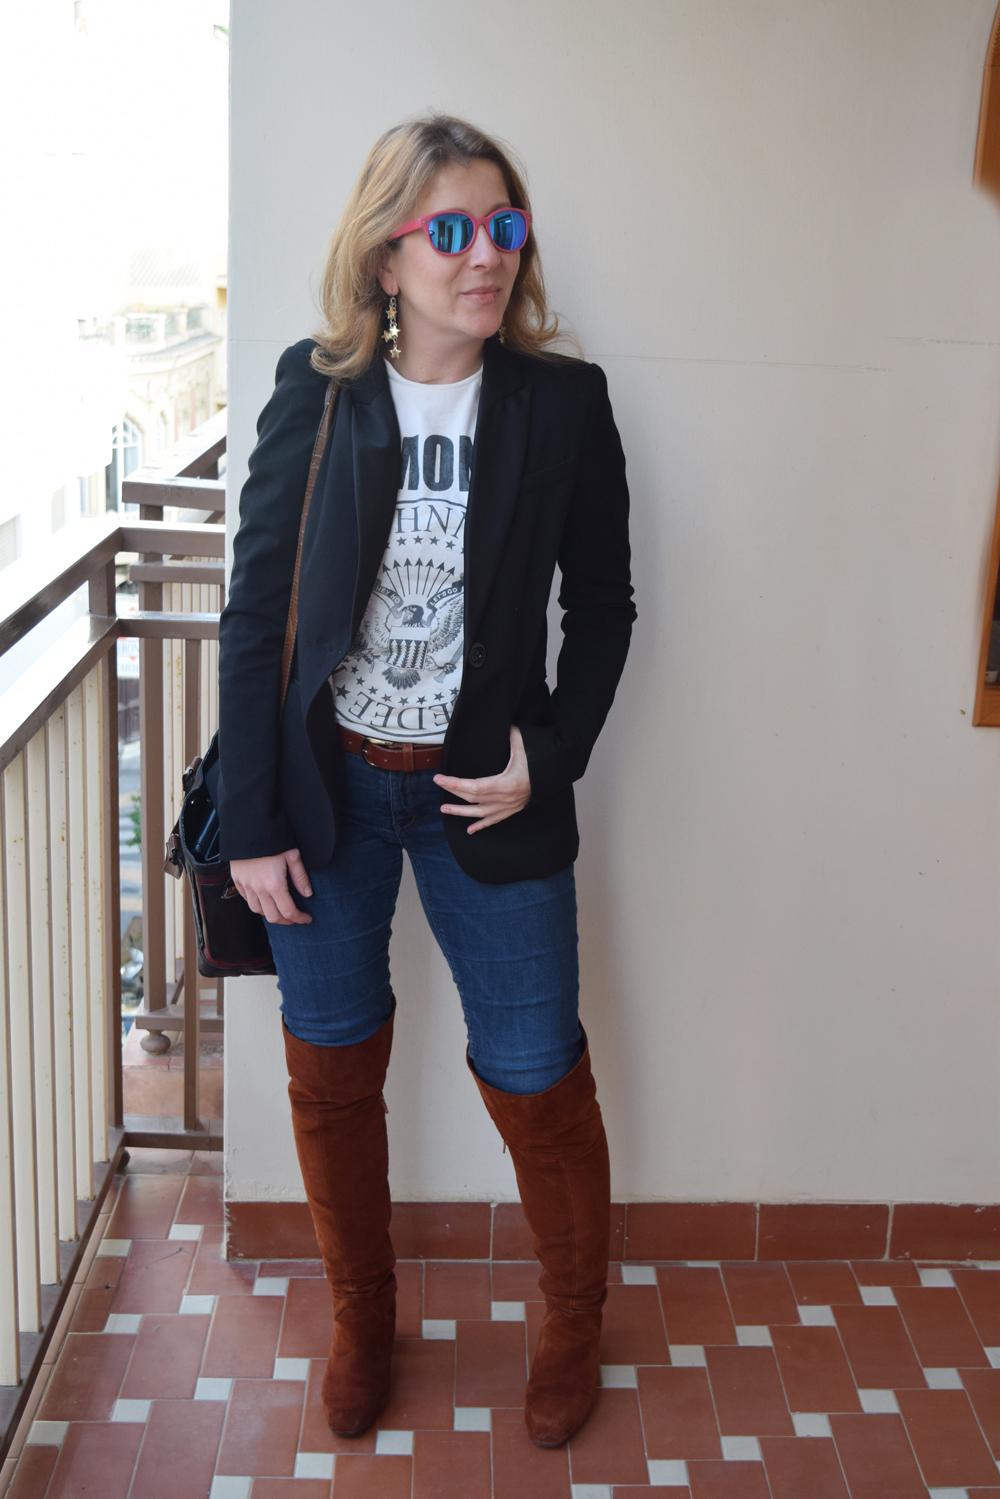 6c0d9ba310 mcompany style  Formas de llevar una blazer. Ramones